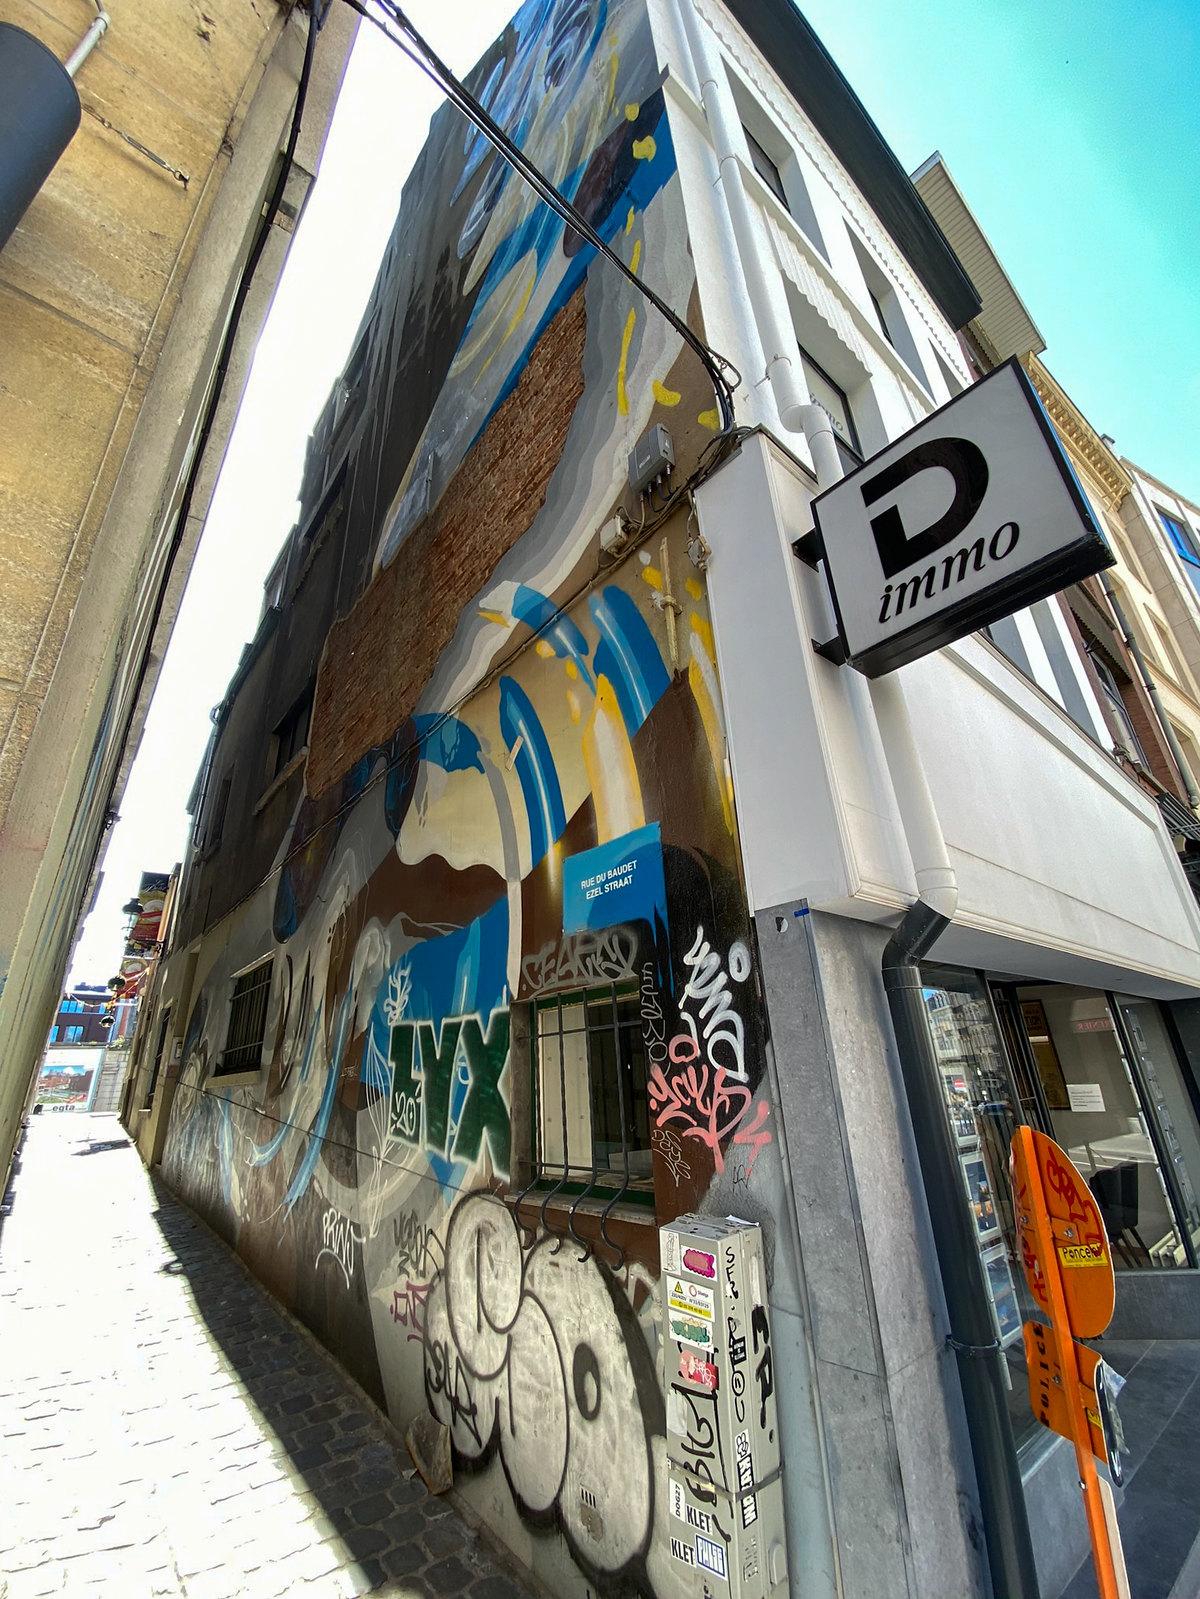 Mural by Artist Eyes-B